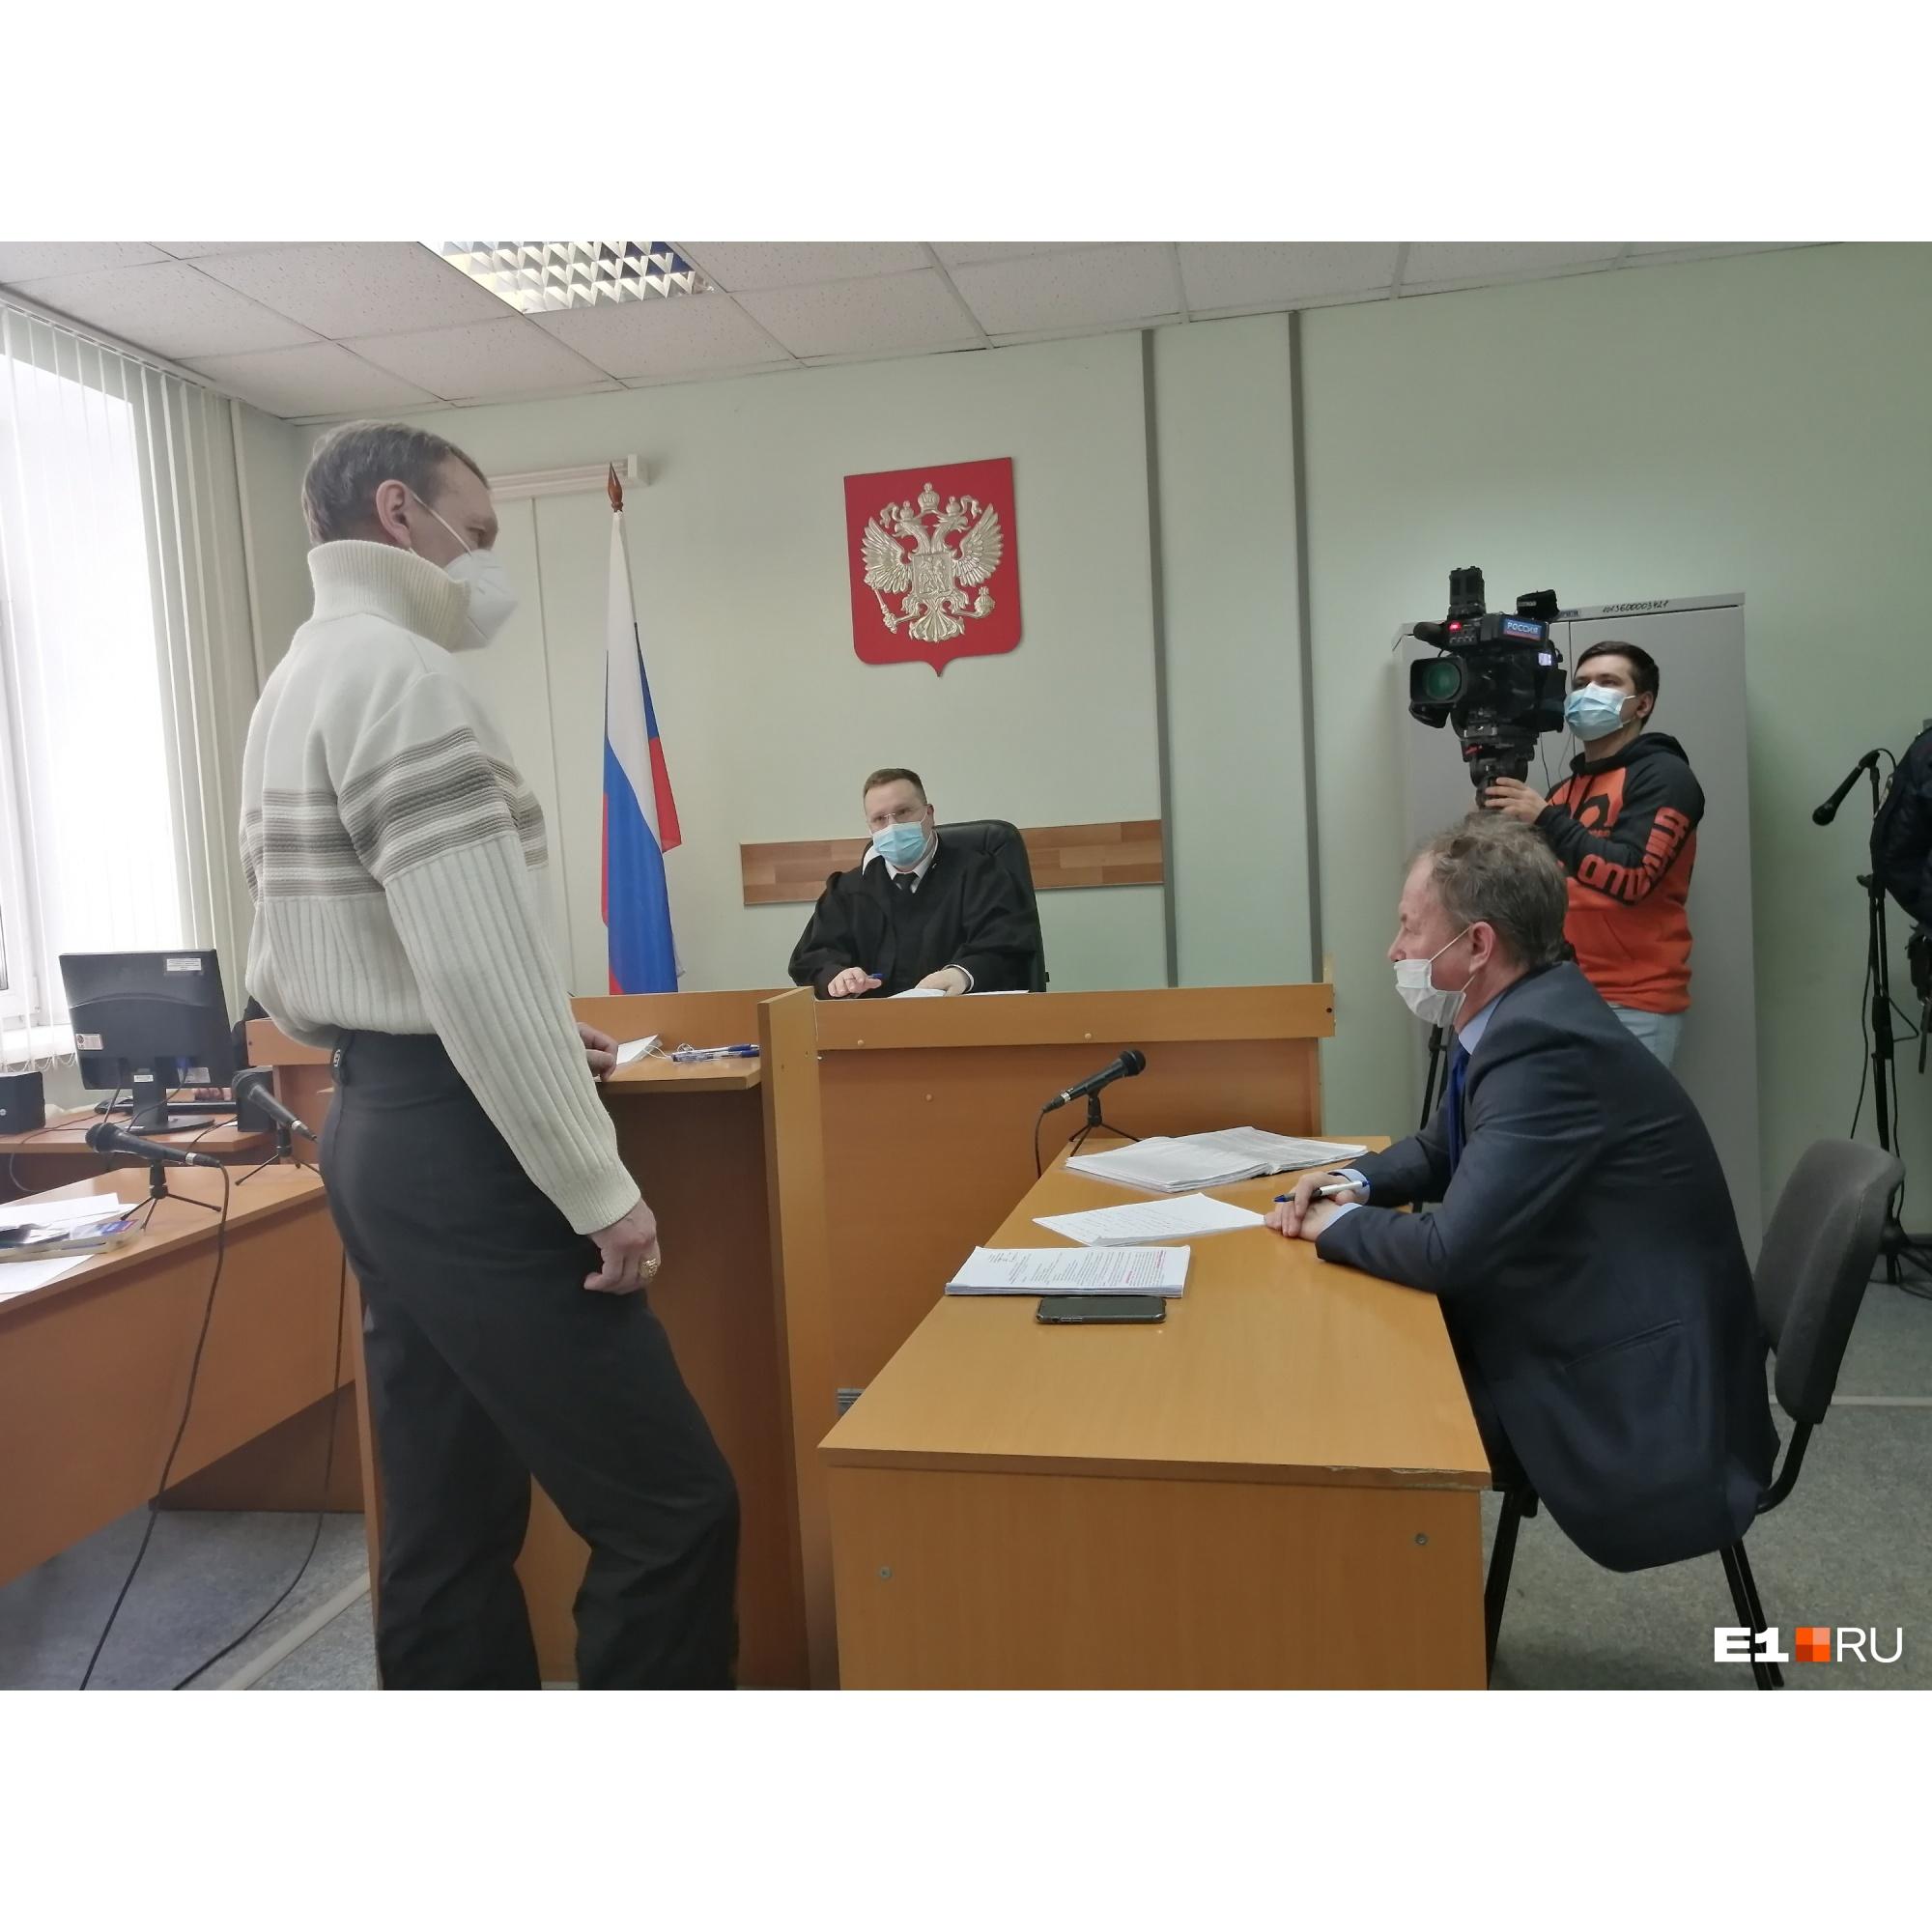 Потерпевший Валерий Горин (слева) и адвокат Дмитрий Бушухин обменялись колкостями